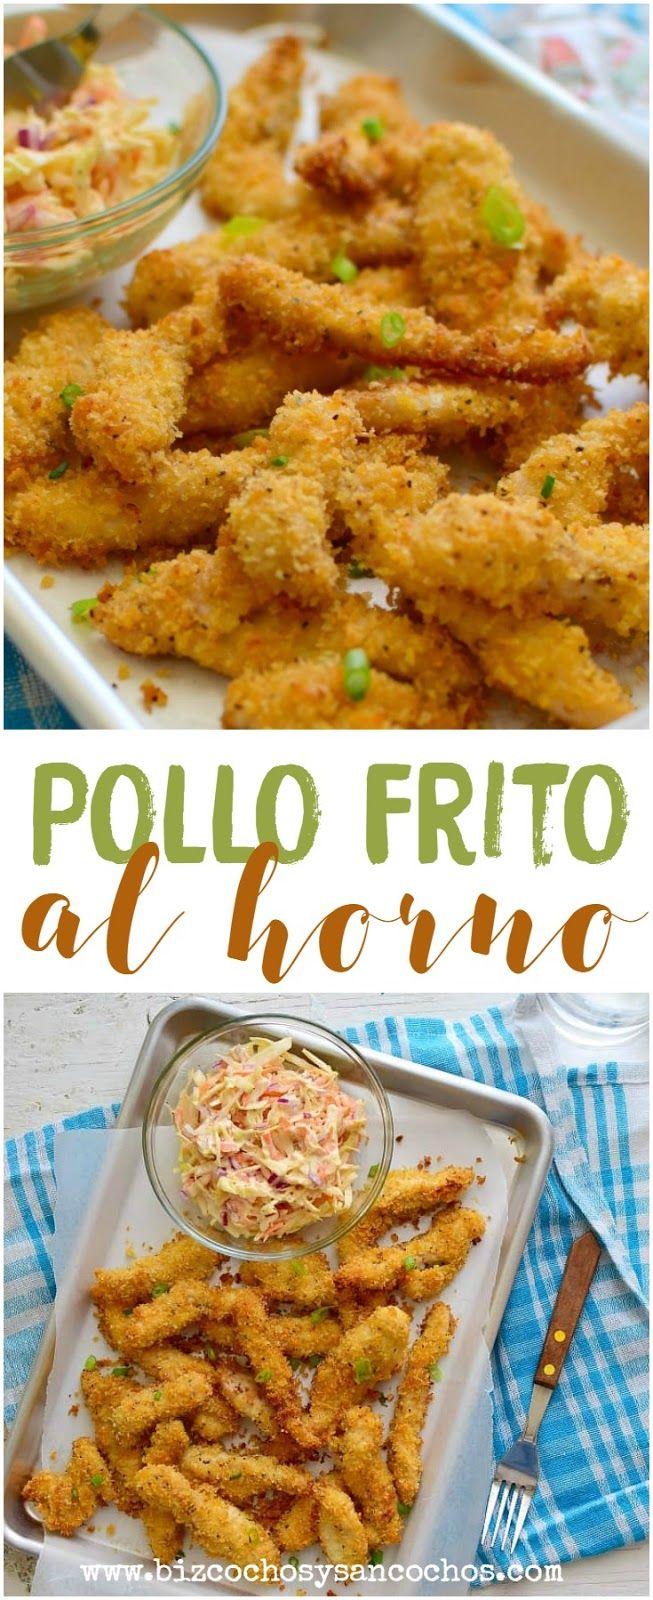 Pollo Frito Al Horno Bizcochos Y Sancochos Pollo Frito Al Horno Pollo Frito Pollo Crujiente Al Horno